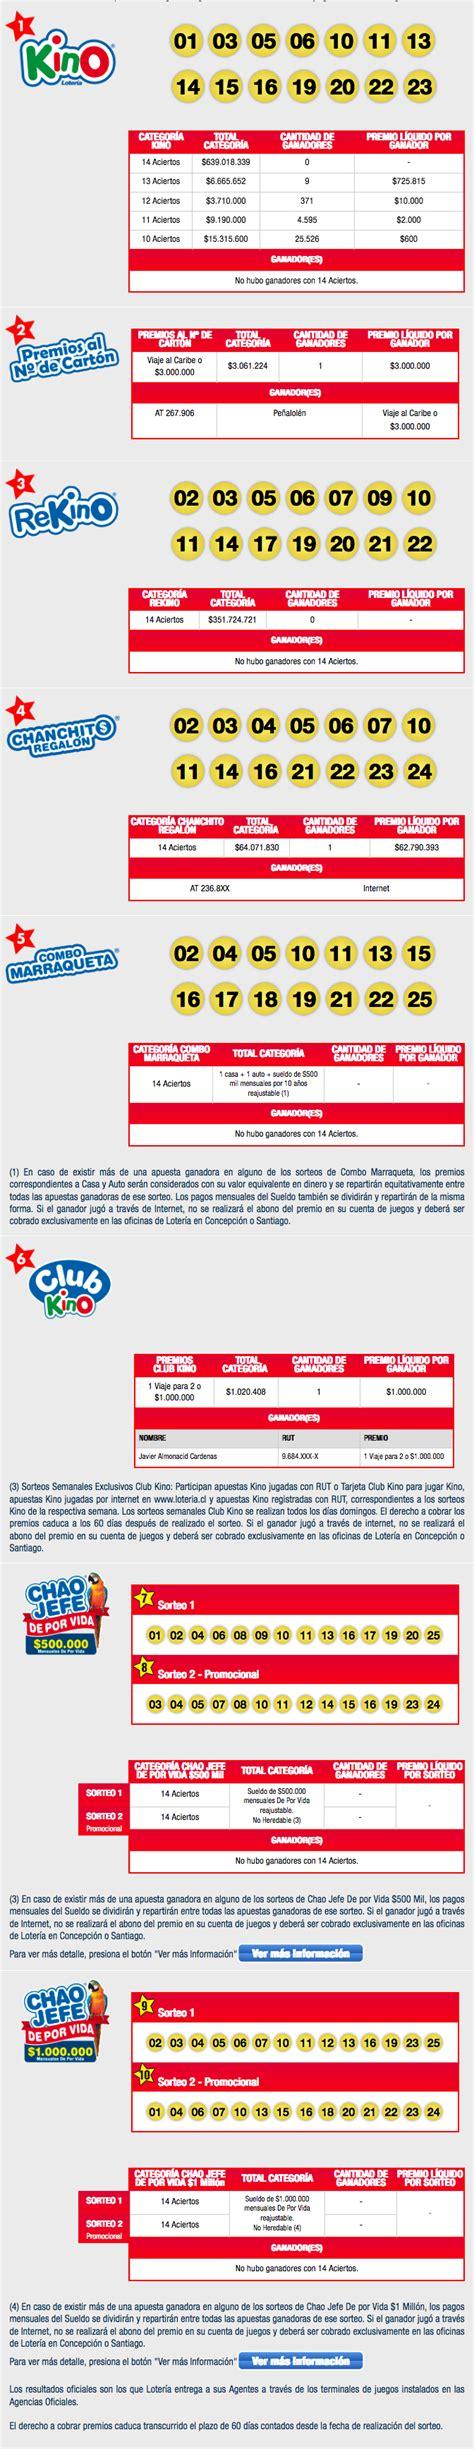 loteria loteria de dia 26 de noviembre del 2016 en santo domingoa nacional de hoy en santo domingo kino 2021 resultados kino loteria chile domingo 26 de